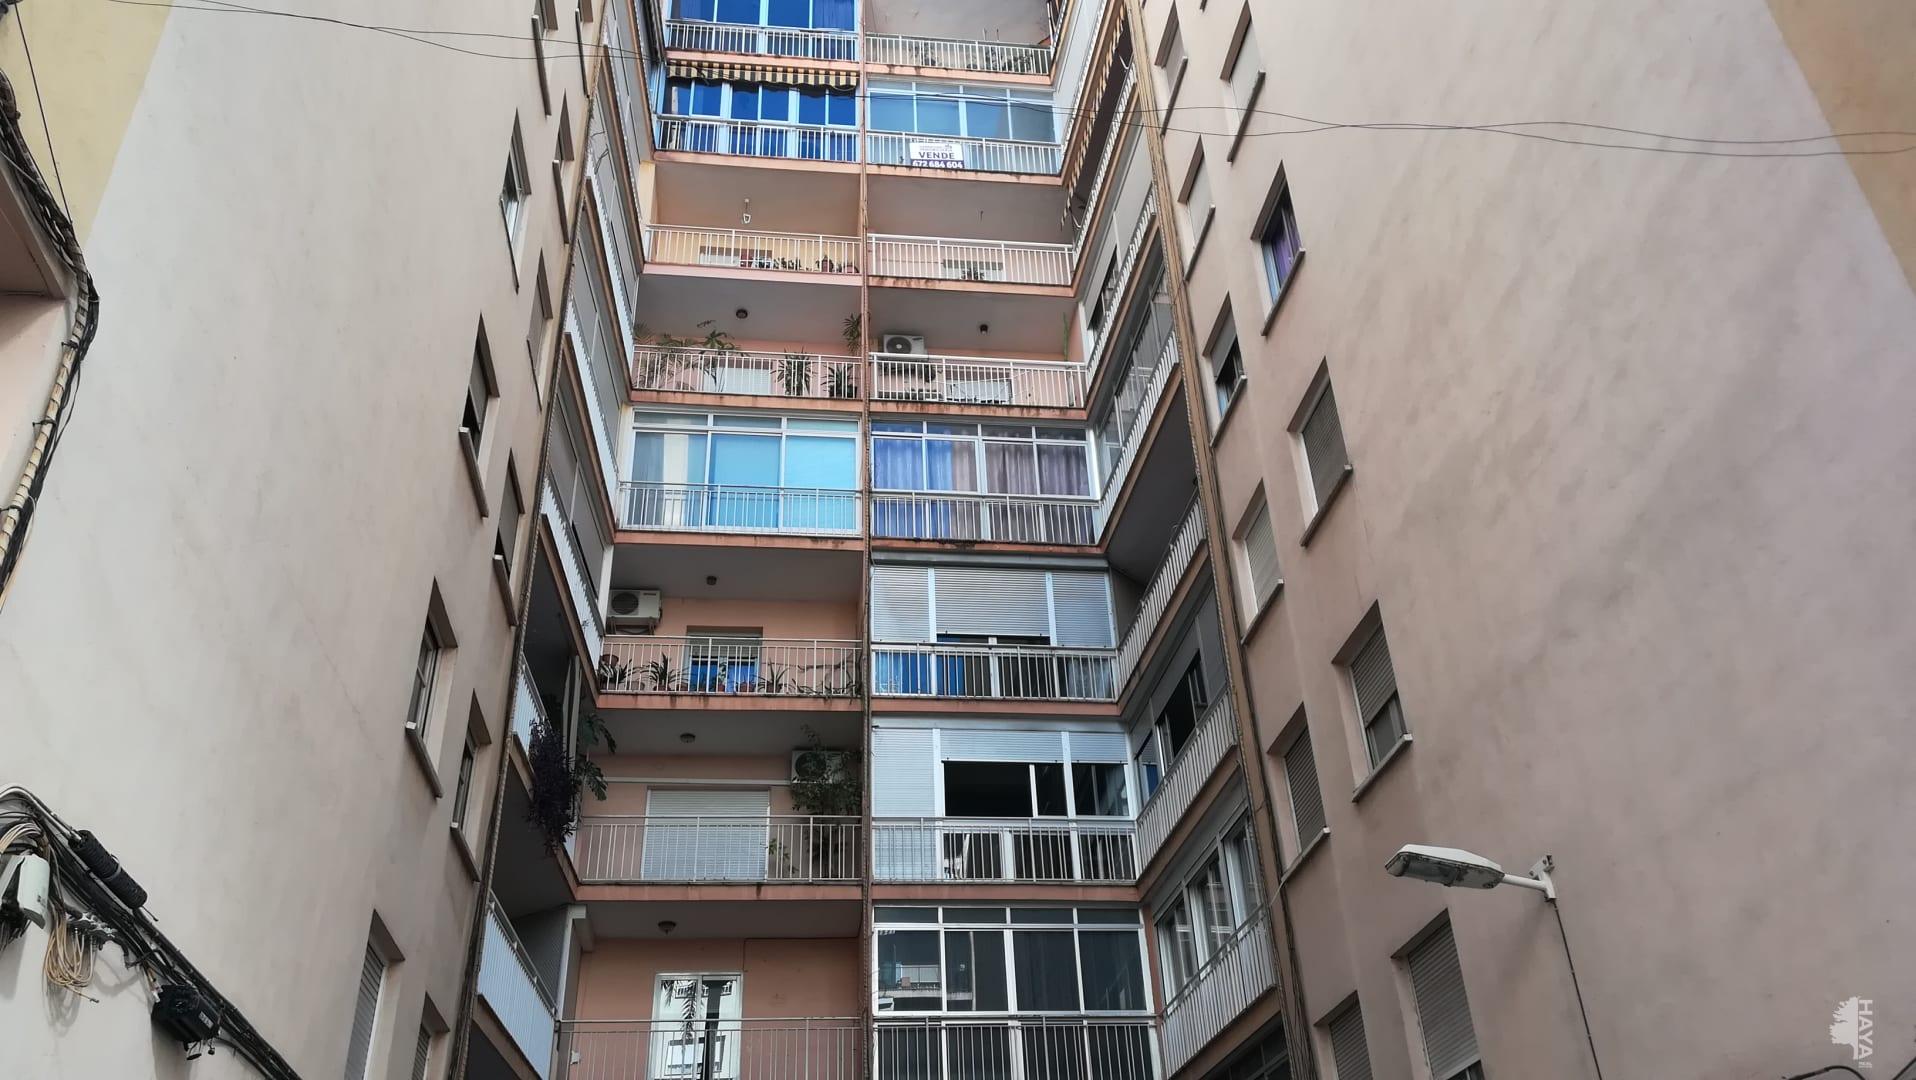 Piso en venta en Gandia, Valencia, Avenida República Argentina, 83.495 €, 3 habitaciones, 2 baños, 109 m2